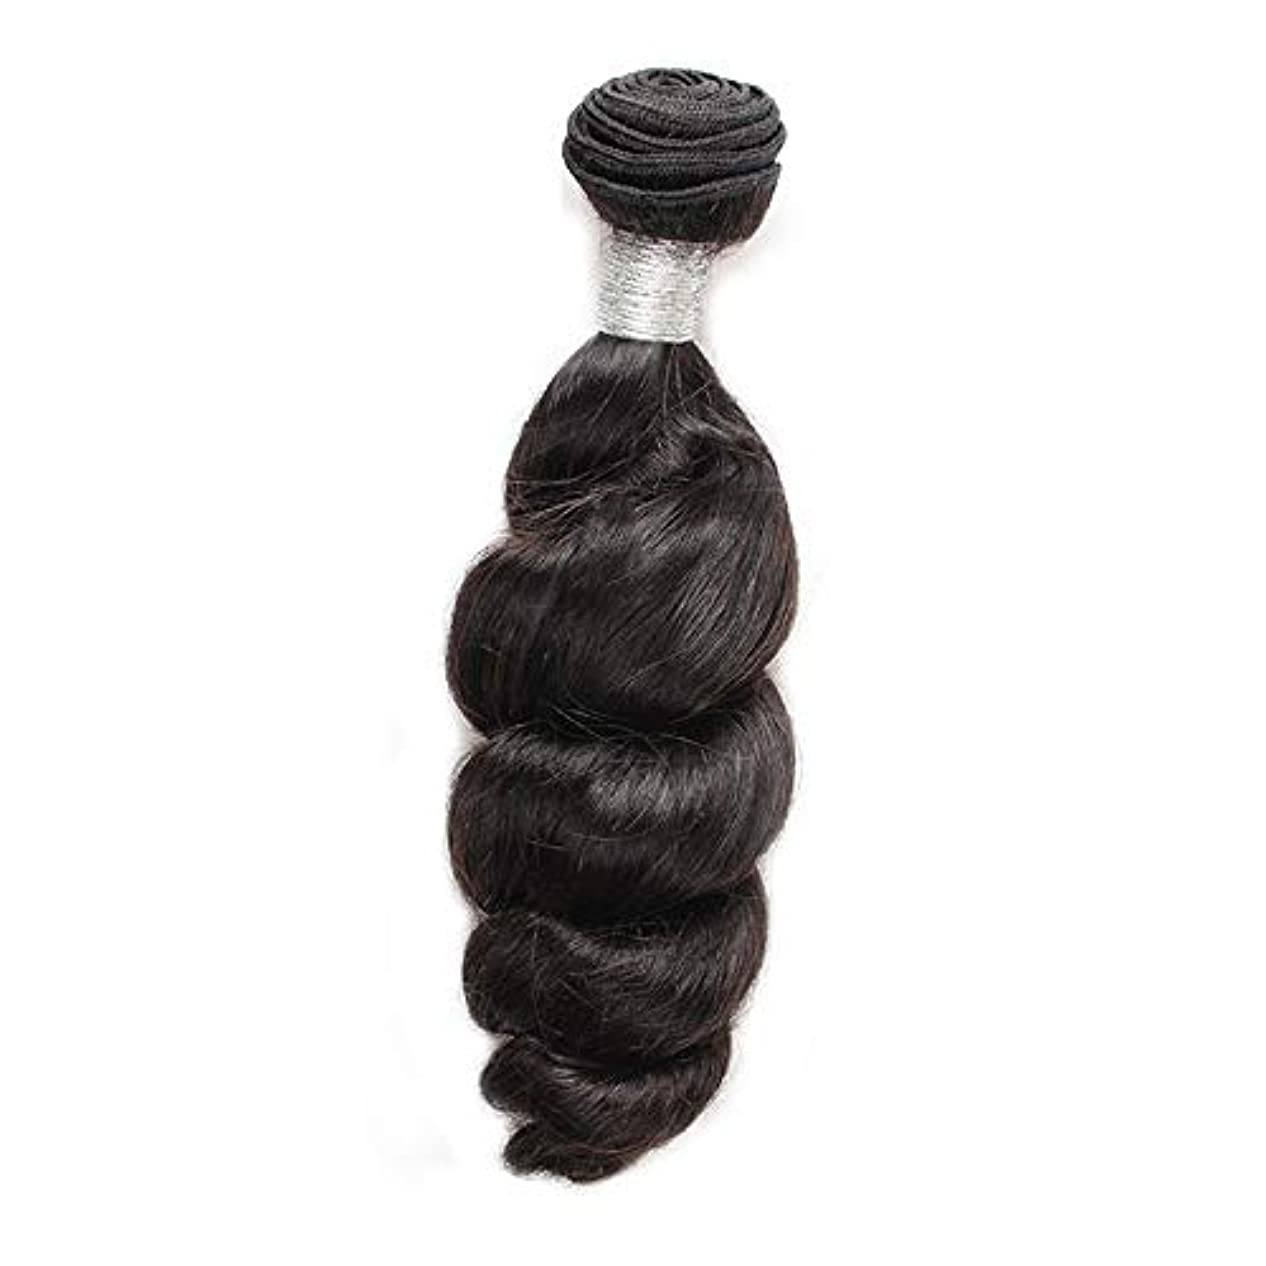 電卓カウンタ変形するHOHYLLYA 女性の人間の髪の毛ブラジルのバージンルースウェーブの束横糸ナチュラルブラック100g /個1枚入り(12インチ-26インチ)合成髪レースかつらロールプレイングかつらストレートシリンダーショートスタイル女性自然 (色 : ブラック, サイズ : 14 inch)